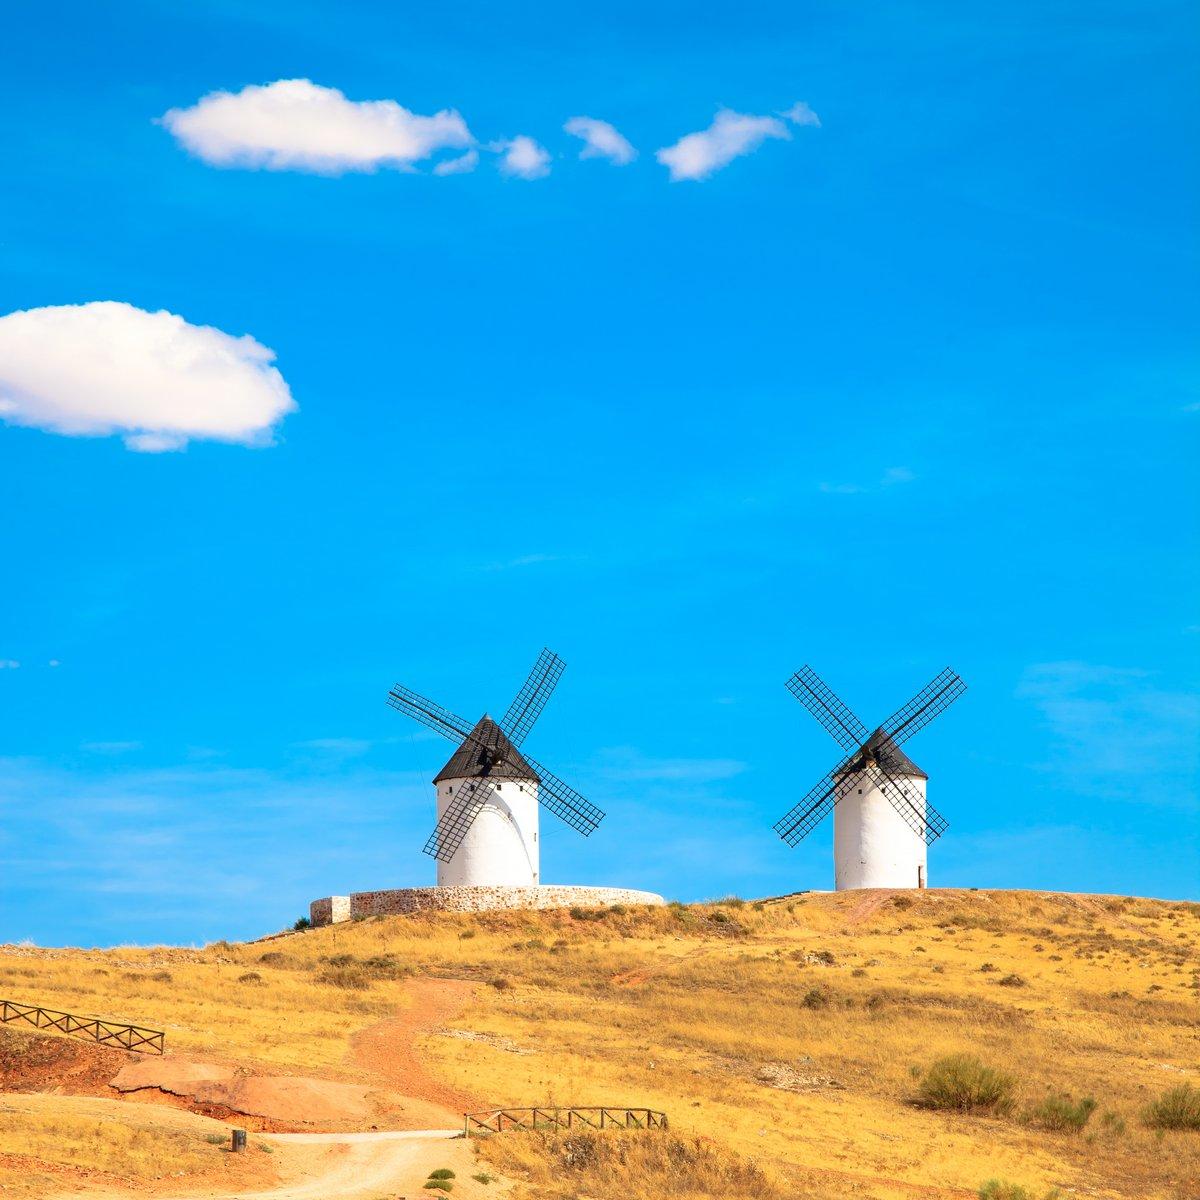 Постер Испания Ветряные мельницы, сельского зеленого поля и голубое небо. Consuegra, ИспанияИспания<br>Постер на холсте или бумаге. Любого нужного вам размера. В раме или без. Подвес в комплекте. Трехслойная надежная упаковка. Доставим в любую точку России. Вам осталось только повесить картину на стену!<br>